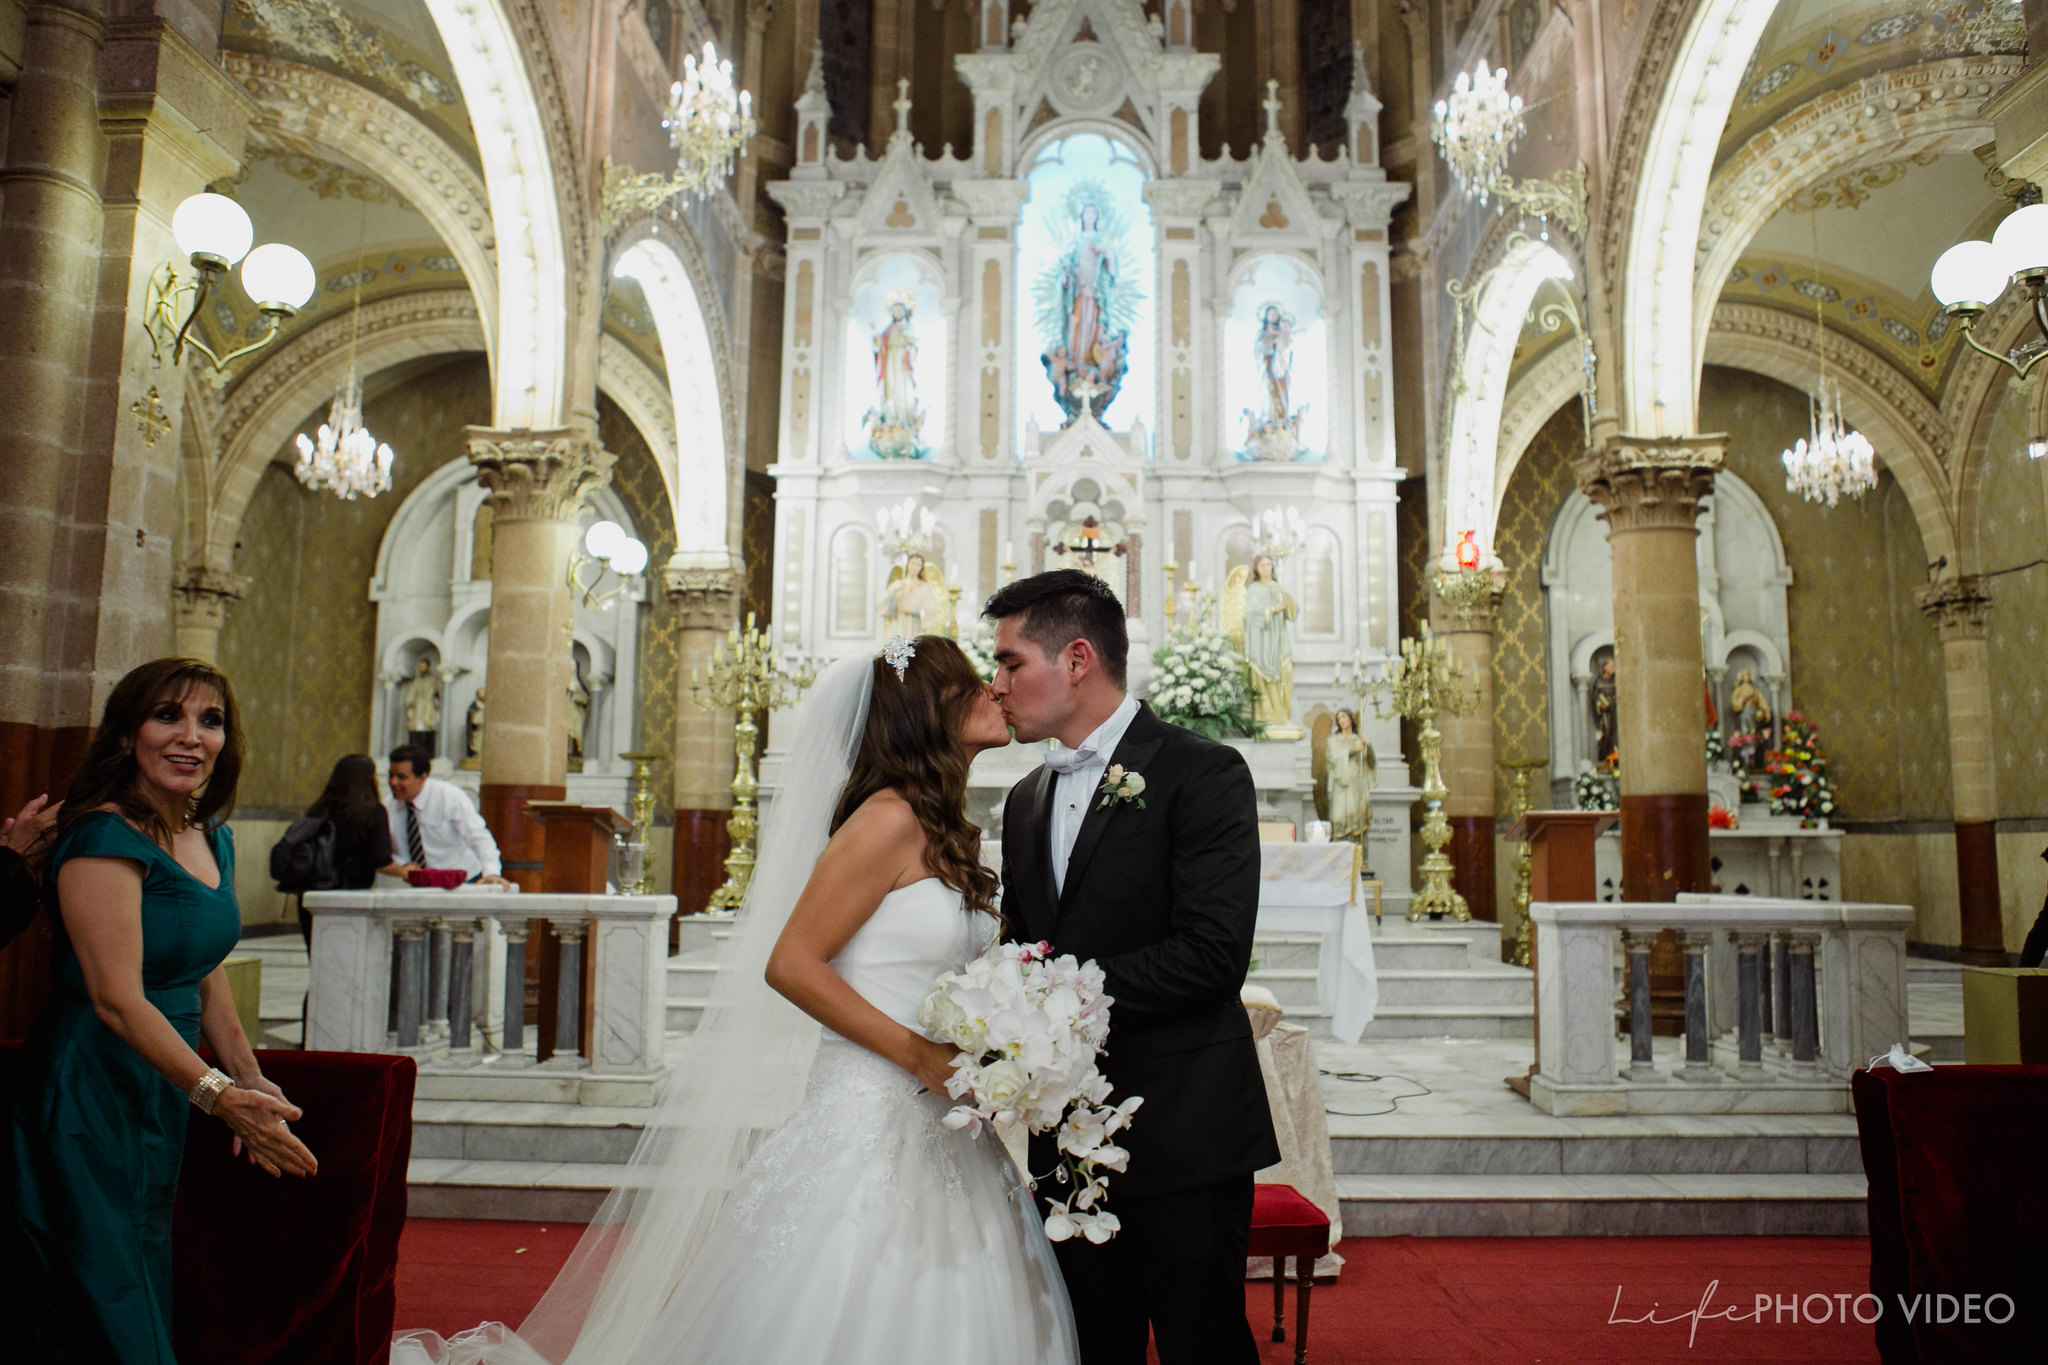 Boda_LeonGto_Wedding_LifePhotoVideo_0045.jpg